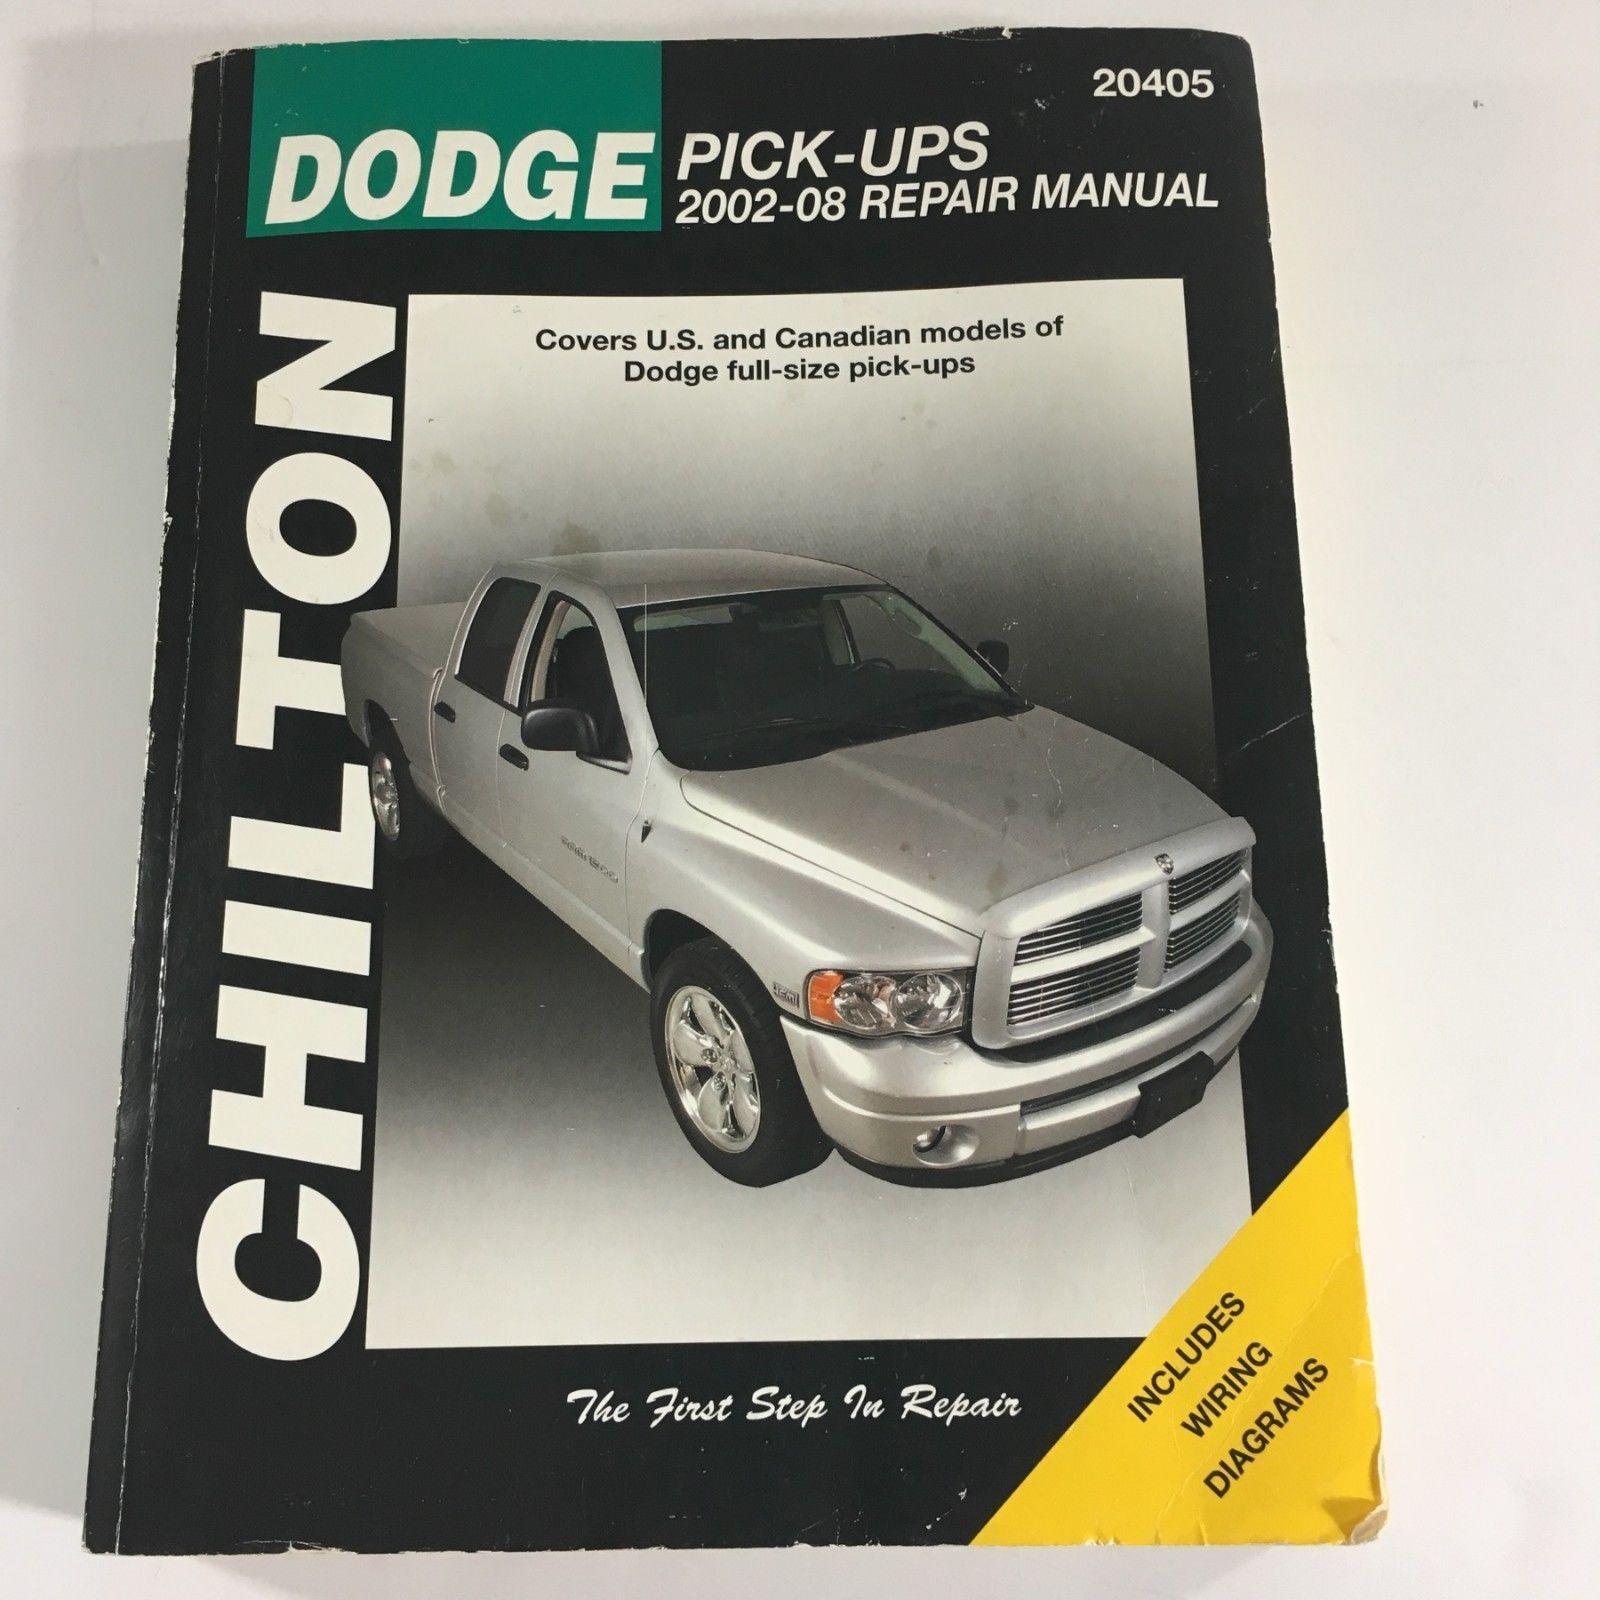 2010 dodge ram 1500 haynes repair manual